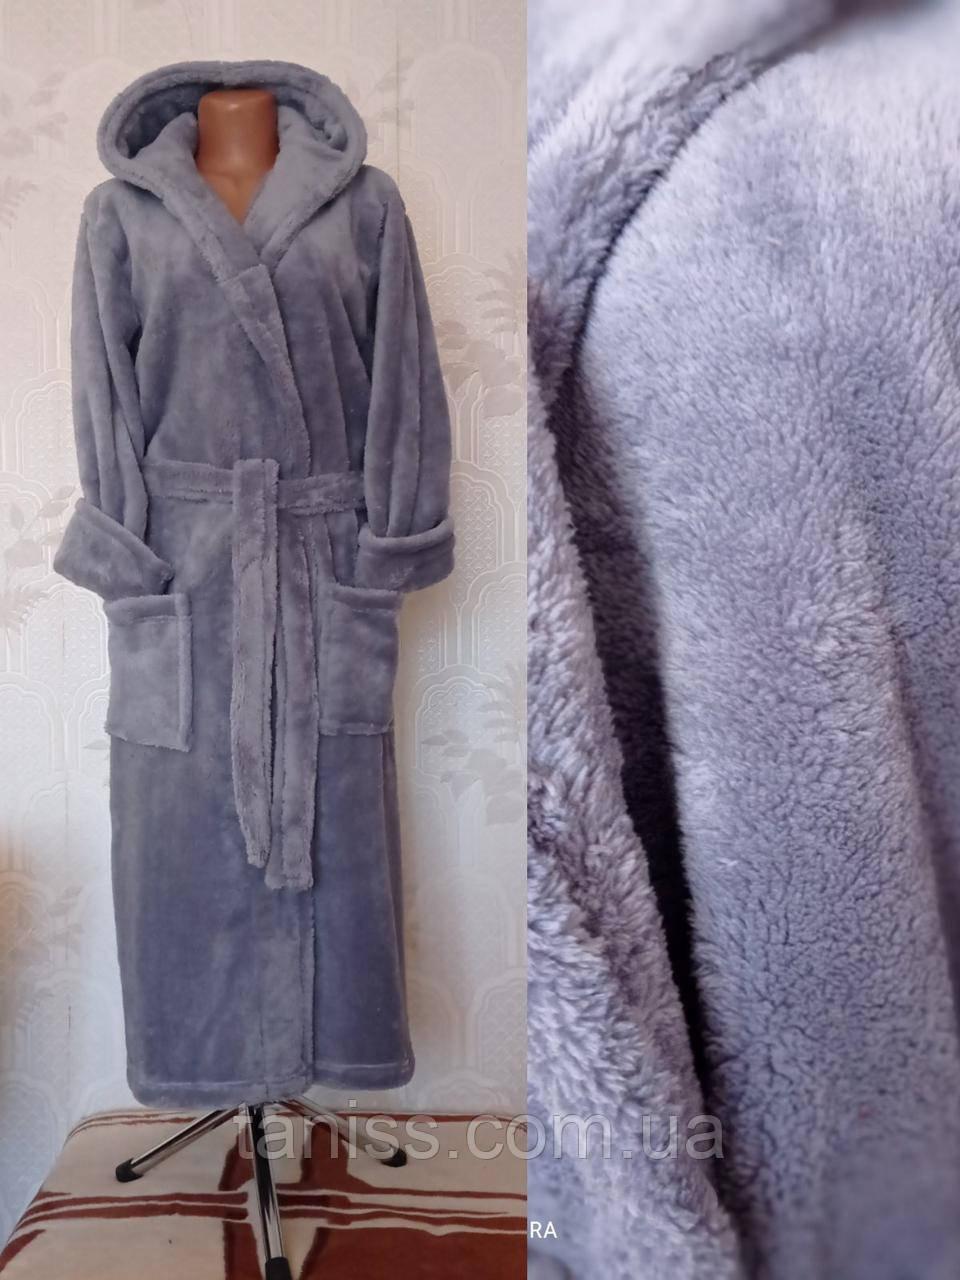 Жіночий теплий довгий халат, великого розміру, з капюшоном , р-р 46,48,50,52,54,56,58-60 різні кольори